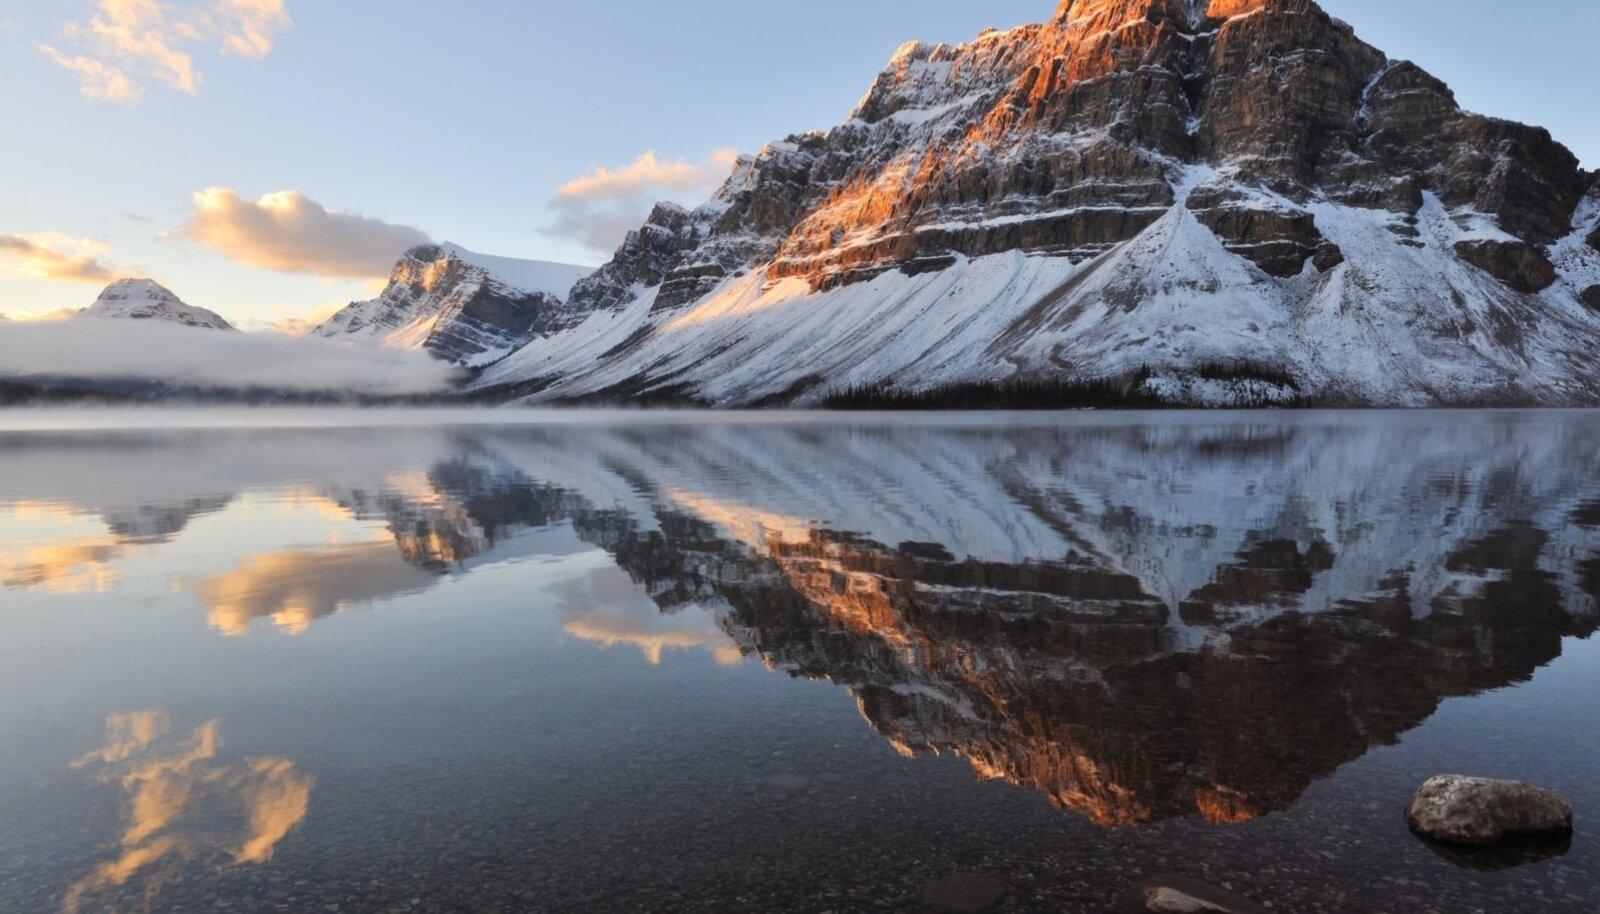 Kanada rahvuspark